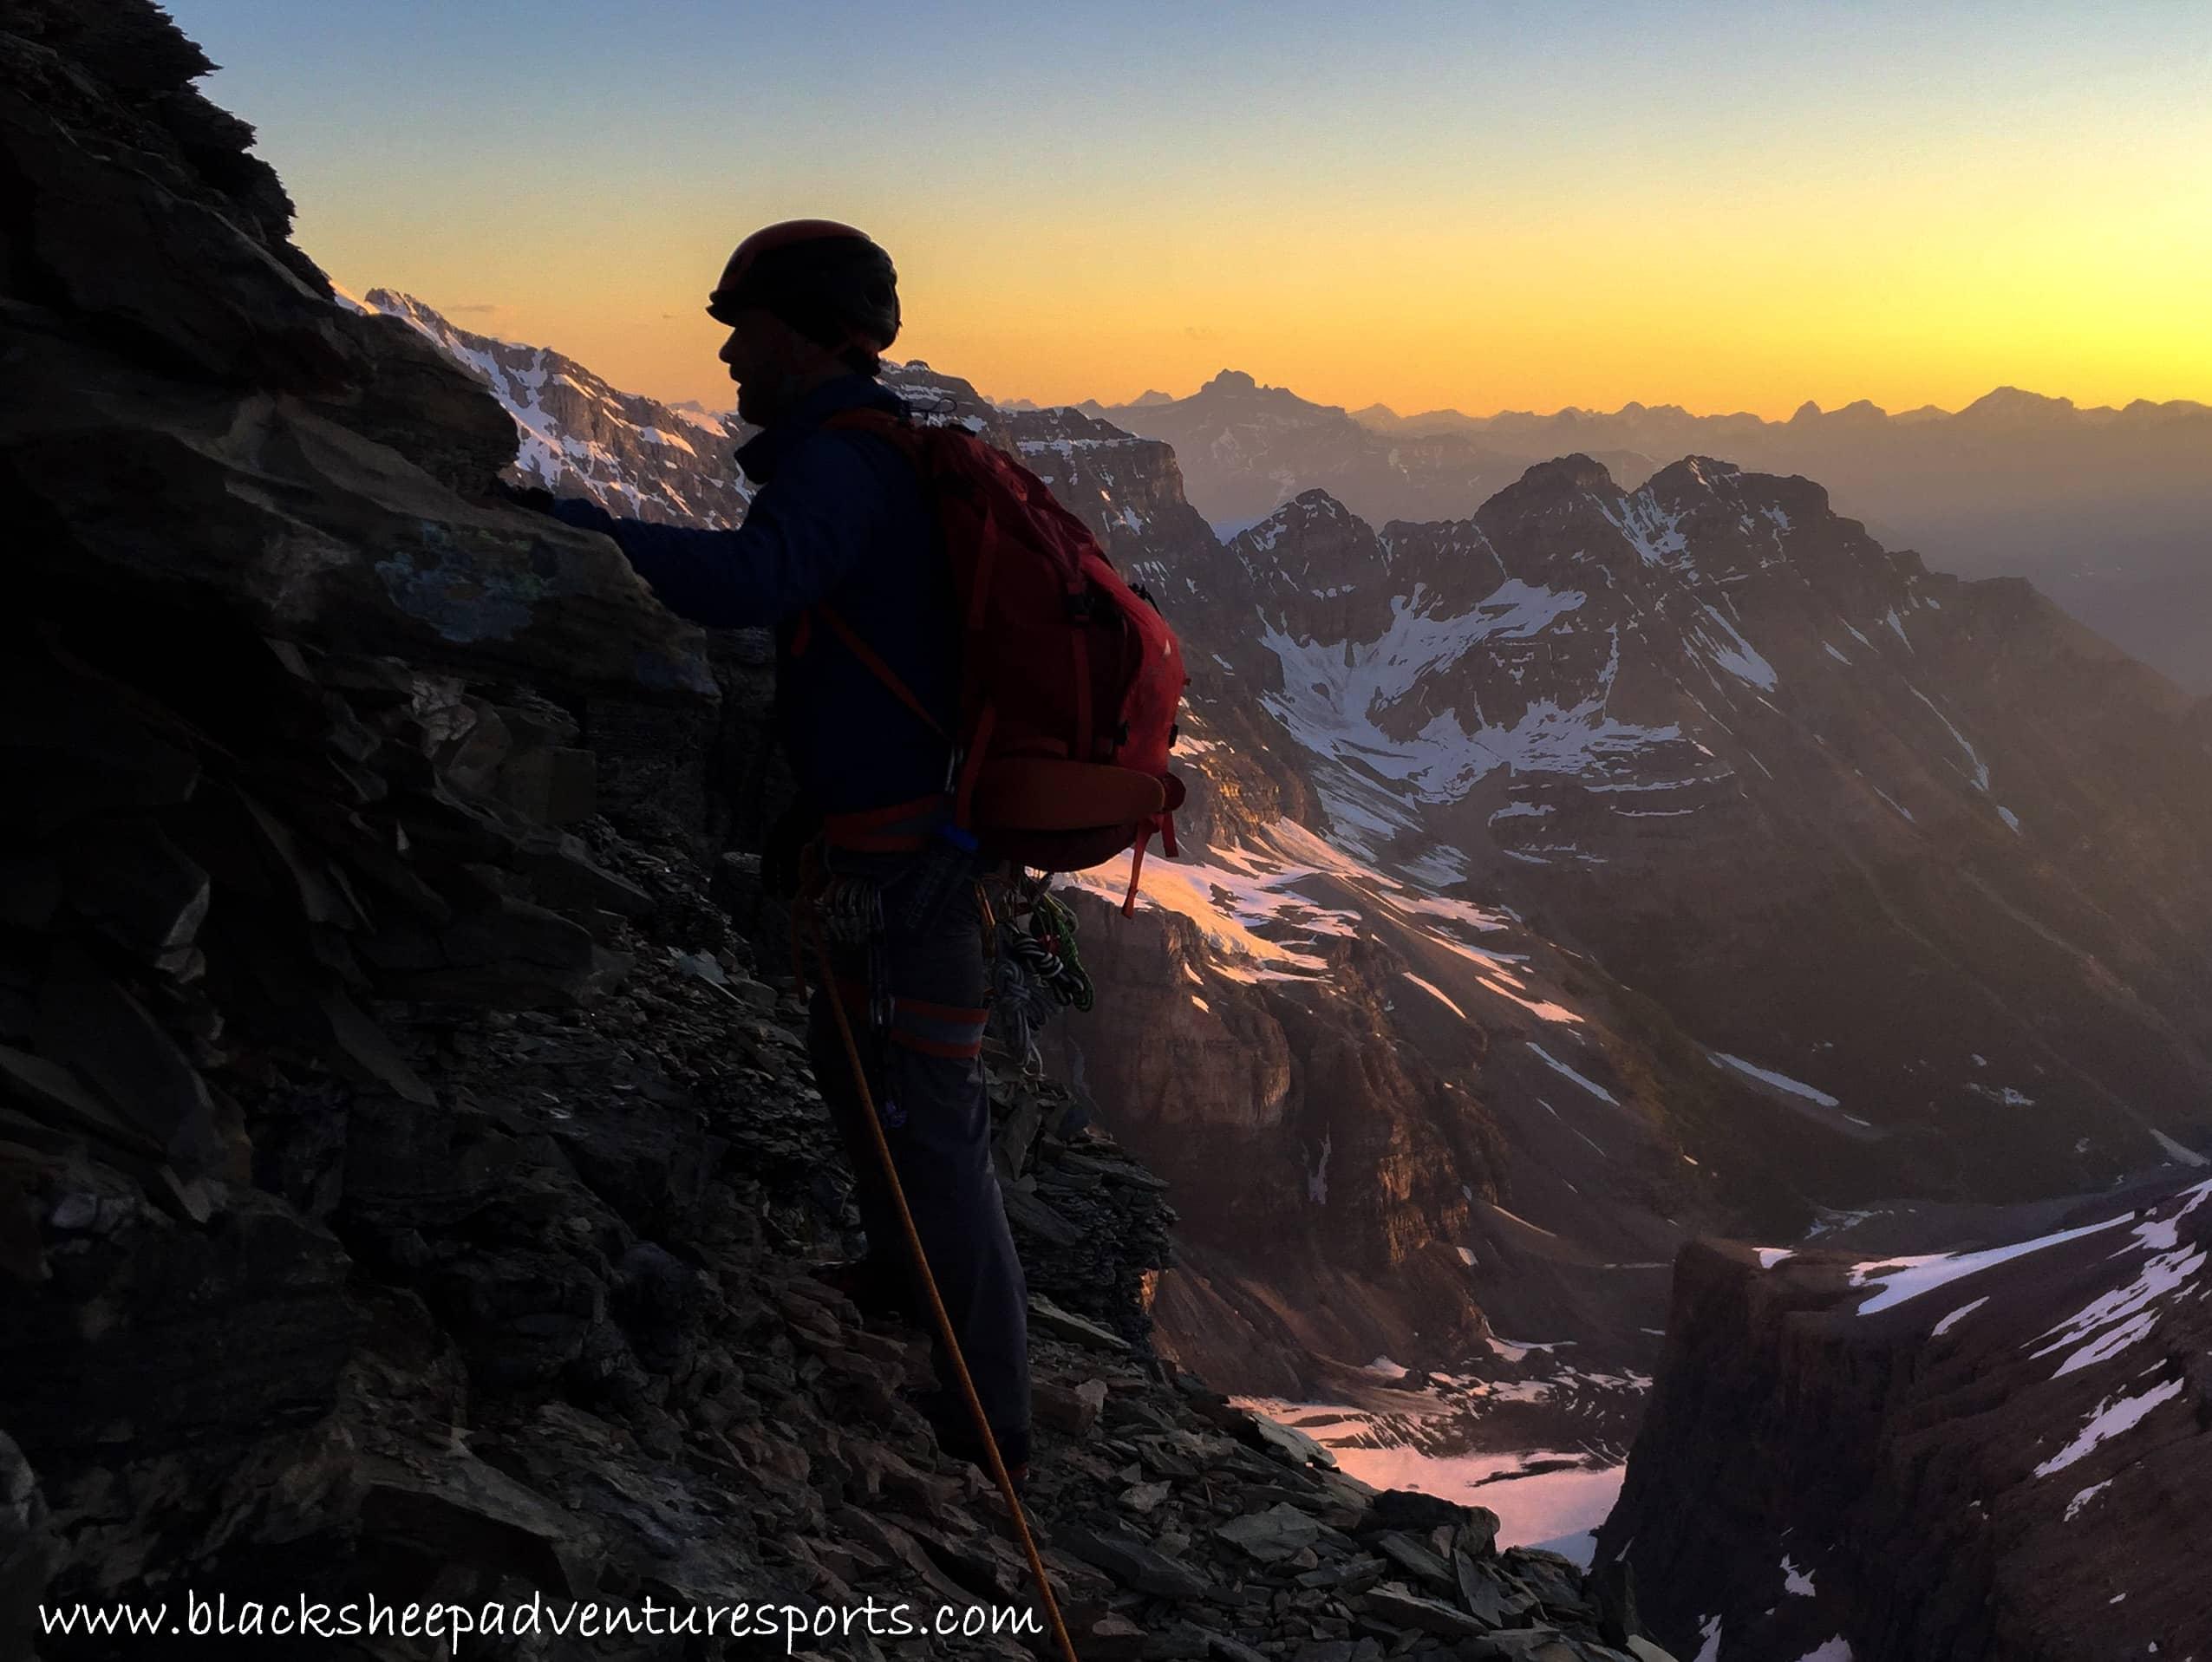 Mammut Zephir Altitude Klettergurt : Mammut zephir harness review